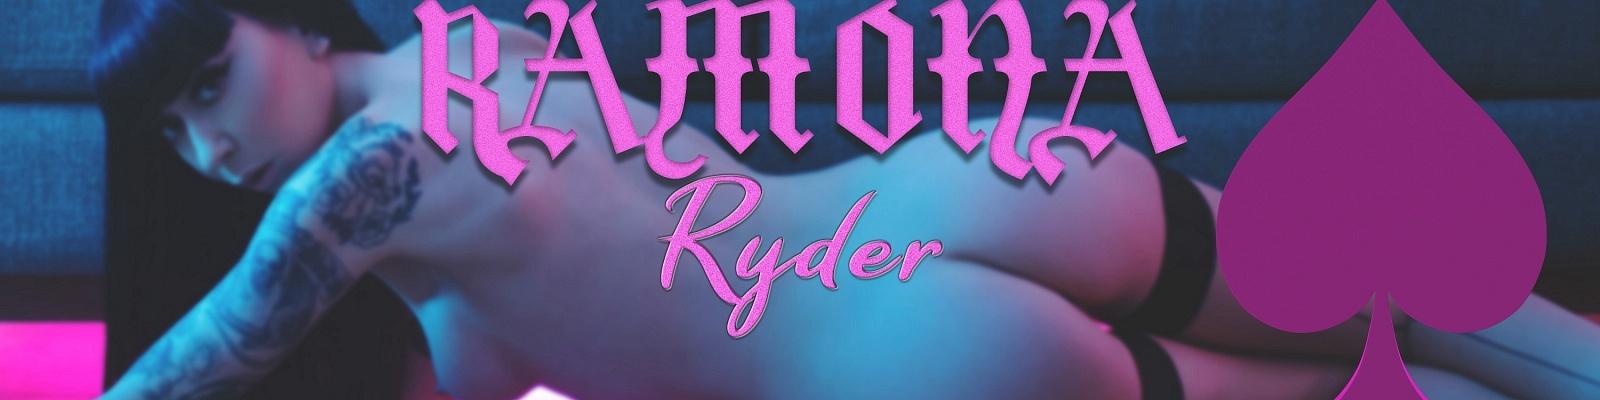 Mistress Ramona Ryder